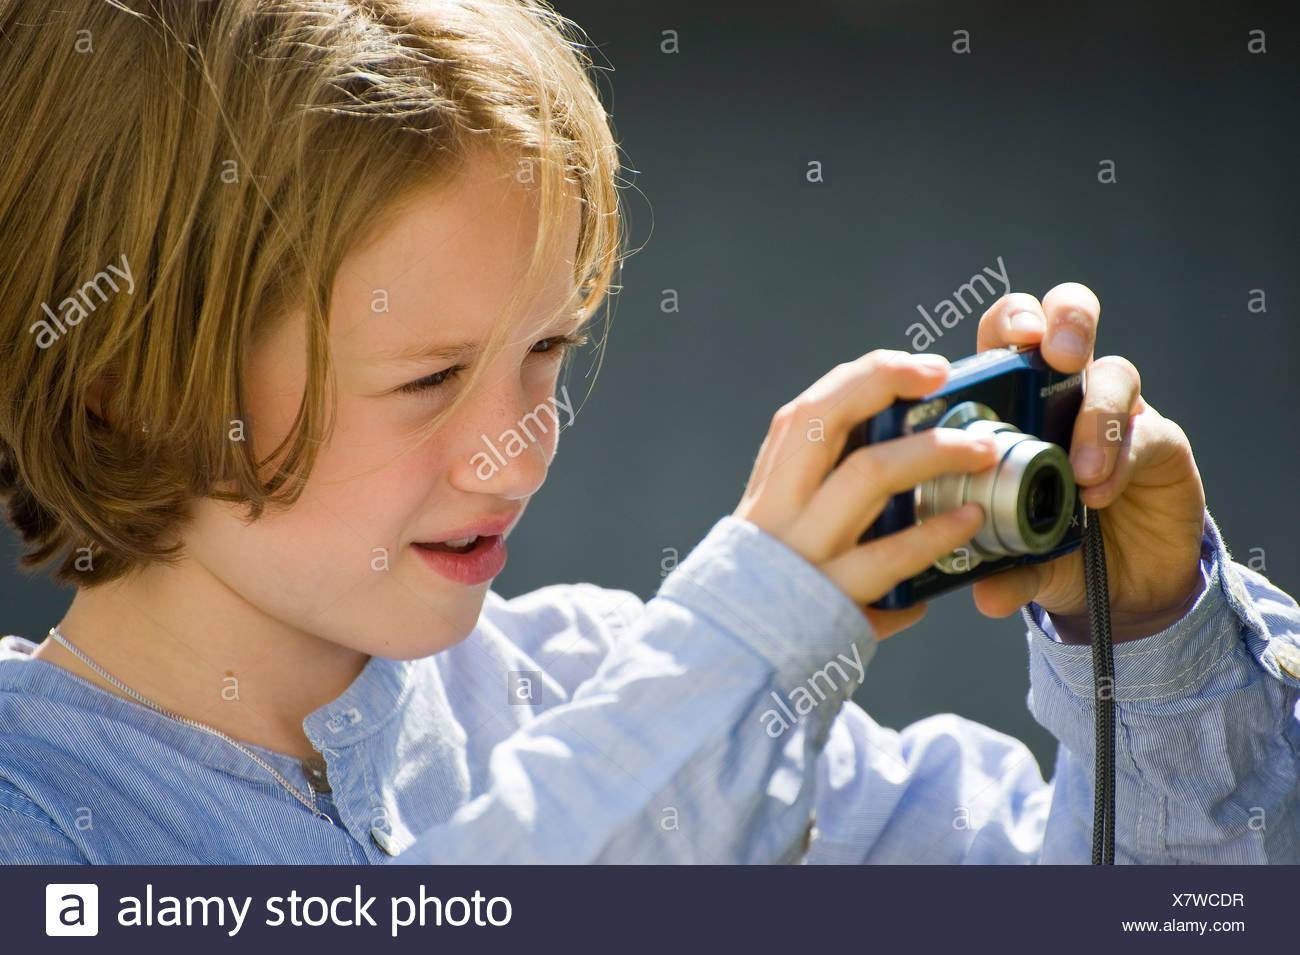 Niña de ocho años, tomar fotografías con una cámara digital. Imagen De Stock